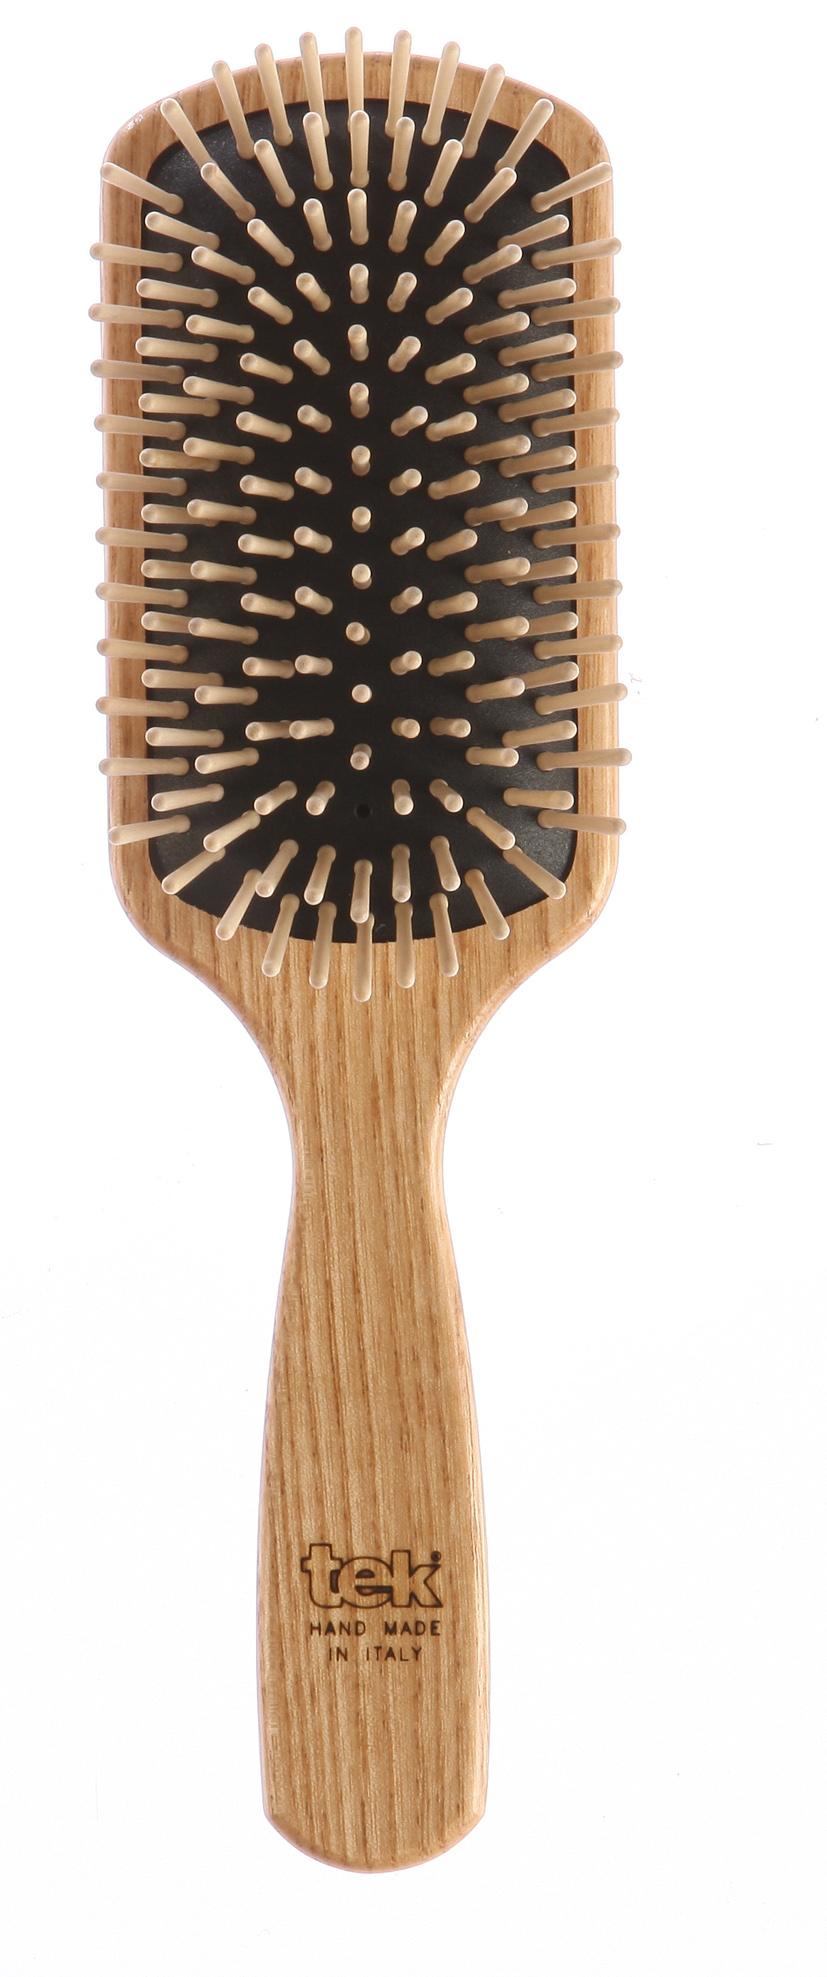 Spazzola rettangolare. Ideale per capelli lunghi. Prezzo: 25,90 €.